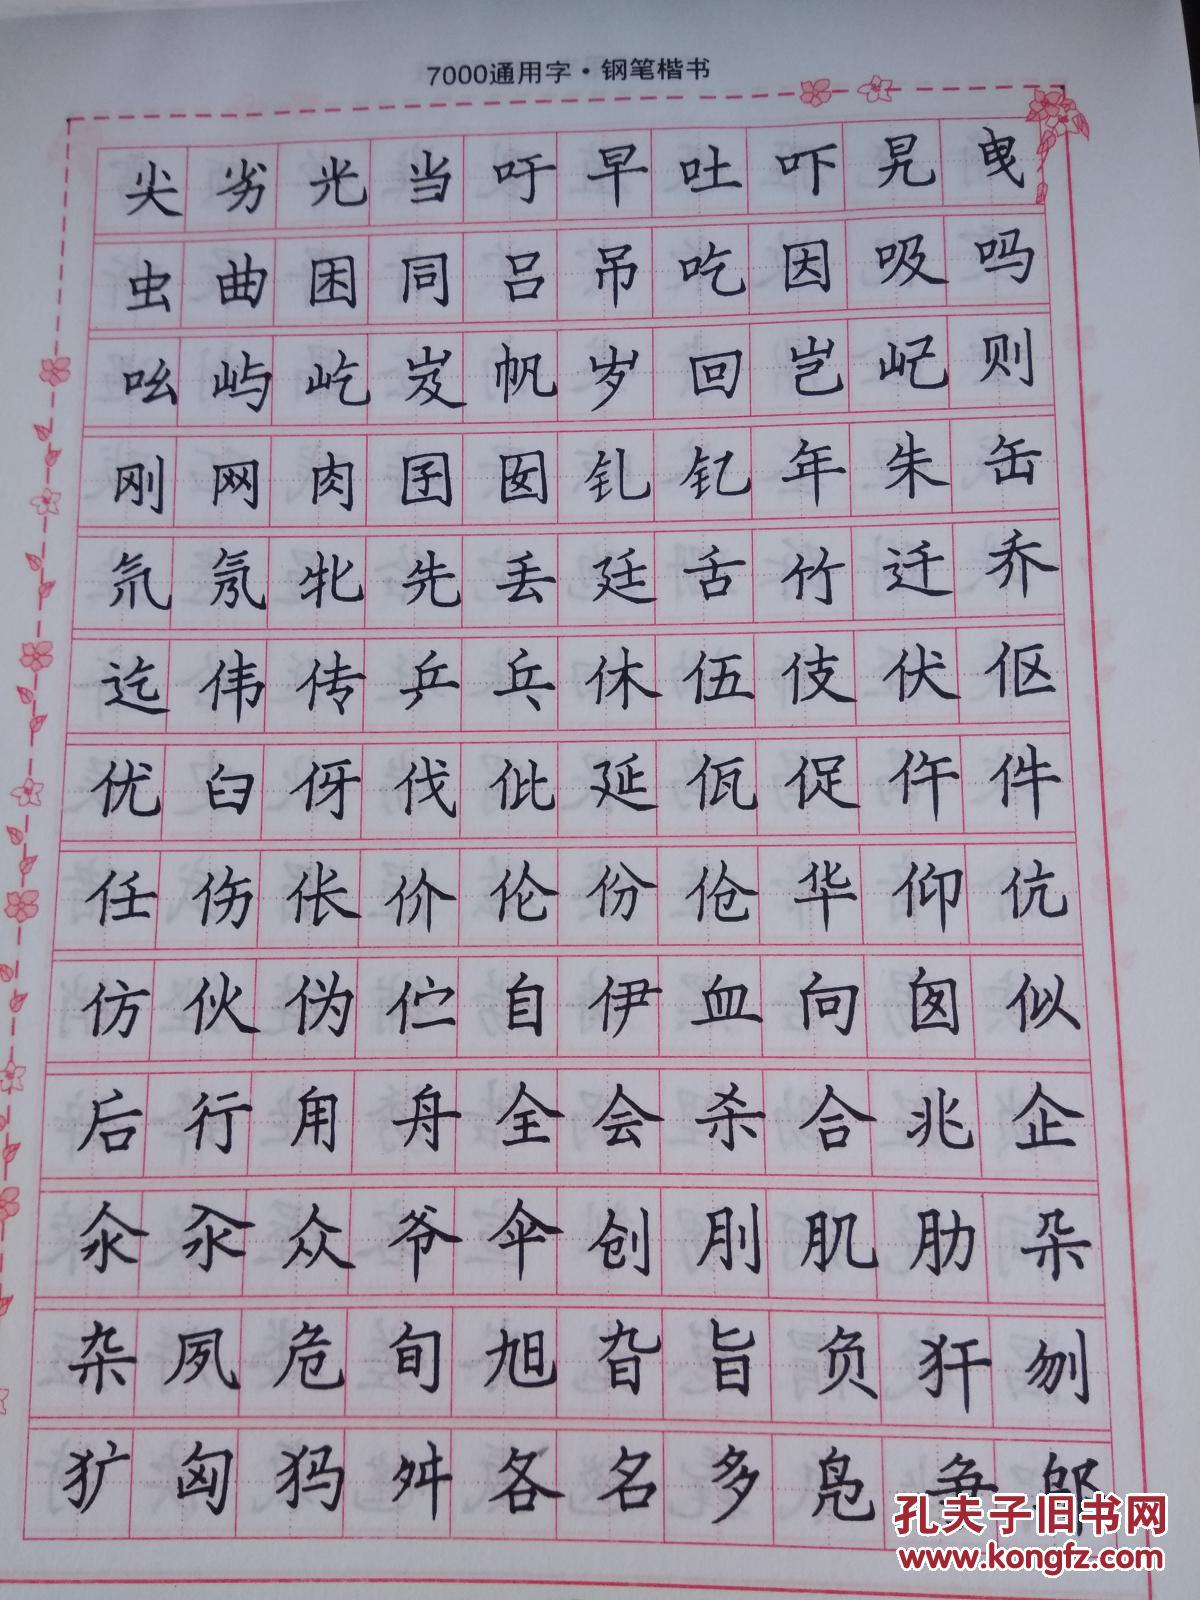 司马彦楷书钢笔字帖《7000通用字》非常6+1,电子工业出版社